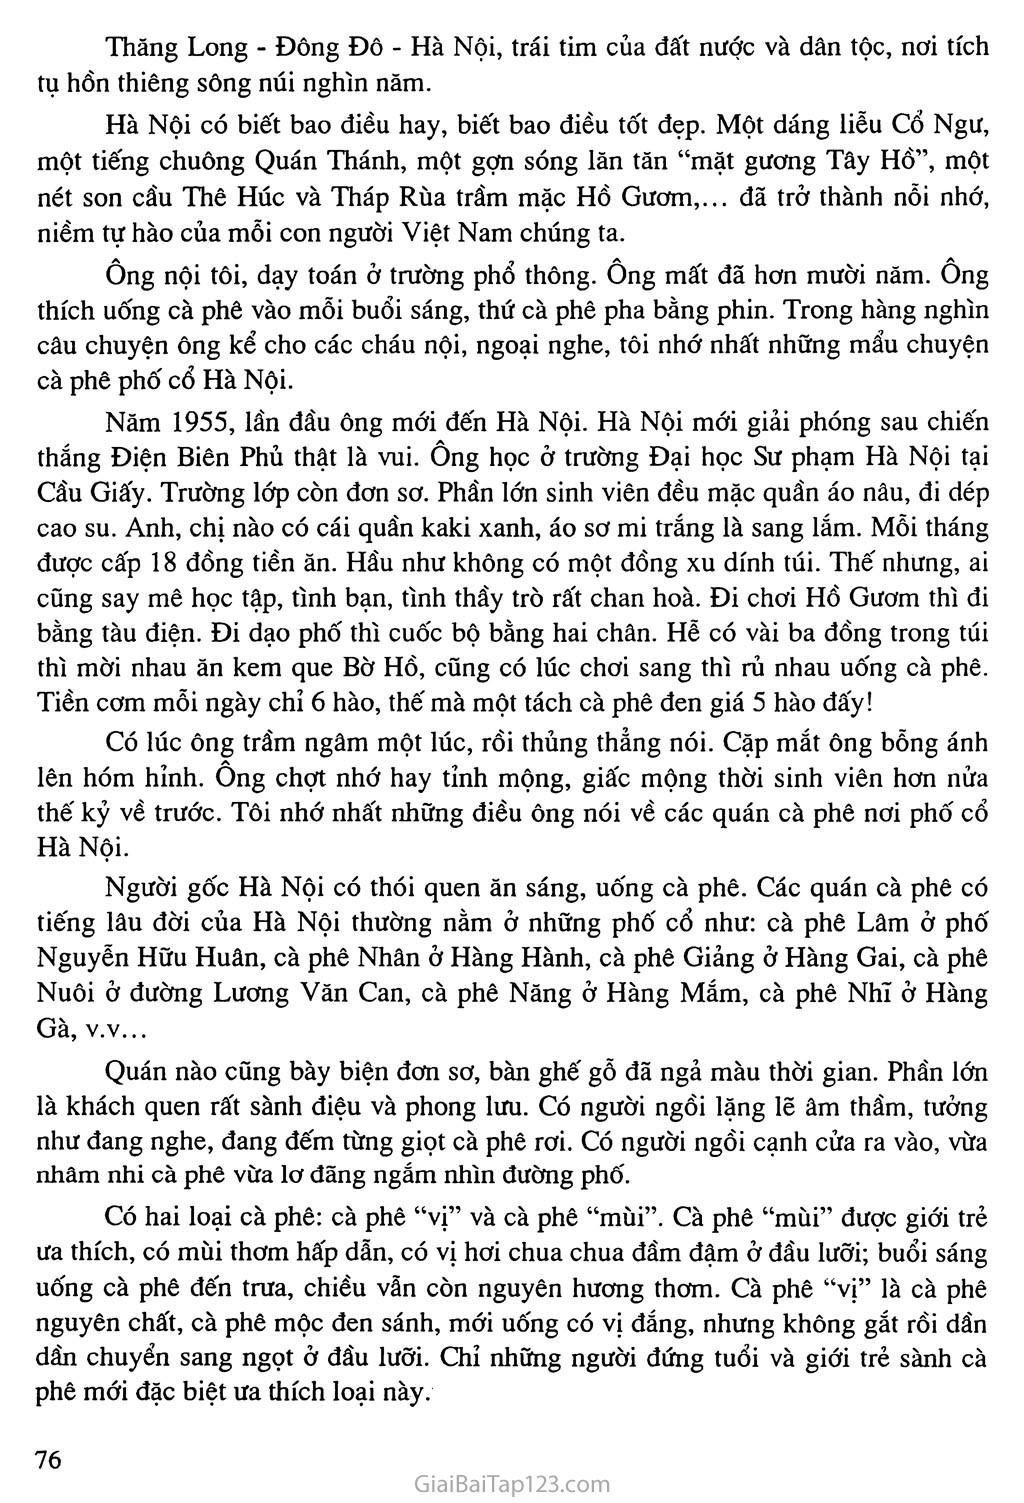 Bài 71: Hãy kể lại một vài mẩu chuyện, một vài kỷ niệm về người thân yêu của em: Chuyện của ông tôi: Cà phê phố cổ Hà Nội trang 2